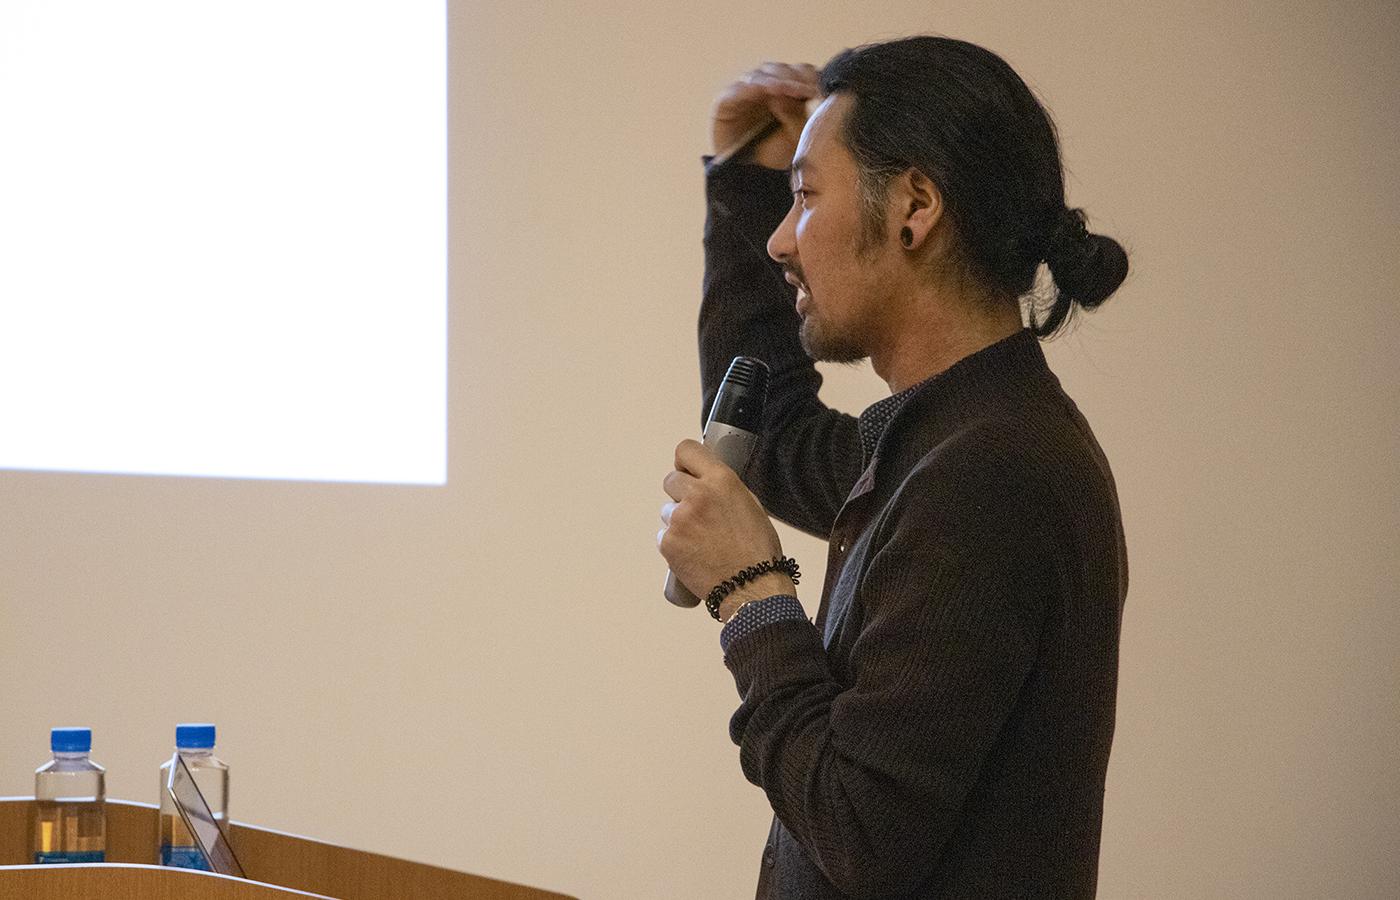 Keisuke Suzuki presenting